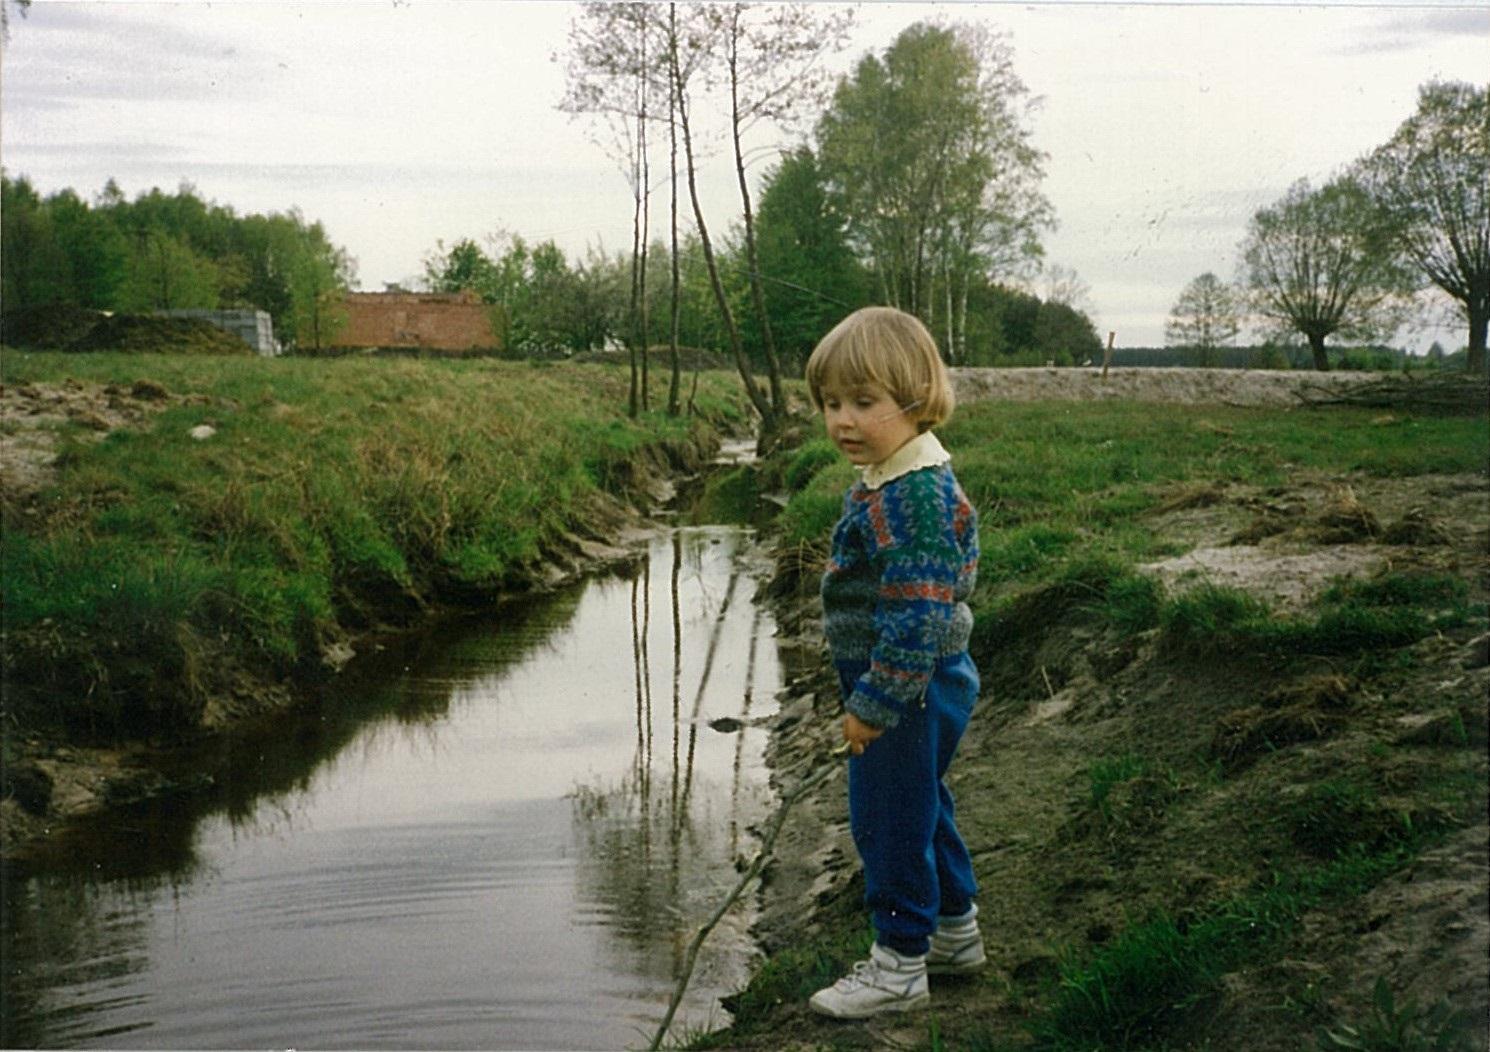 Samotnie gmeram patykiem wrzeczce zadziałką imyślę ostrapieniach, 1993